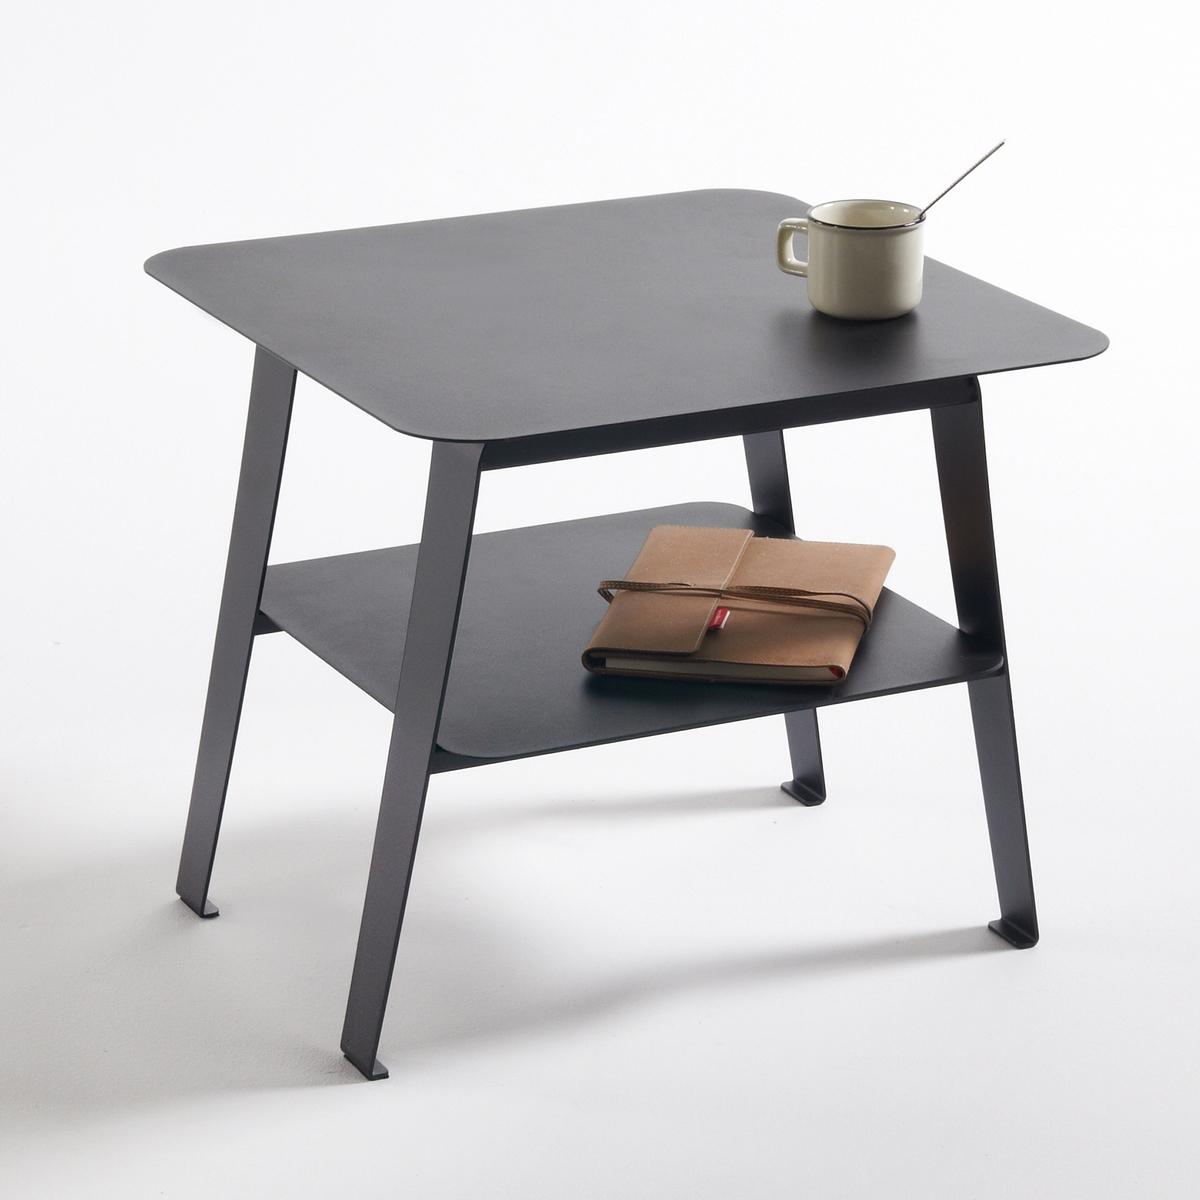 Столик диванный из стали, HibaДиванный столик из стали Hiba. Красивый дизайн, простой и практичный диванный столик из стали Hiba с 2 столешницами : в модном нео-индустриальном стиле, простая форма и веретенообразные ножки.Описание диванного столика Hiba :Две столешницы.Расположенные под небольшим углом ножки в стиле 50-х годов.Характеристики диванного столика Hiba :Матовая лакированная сталь, покрытие эпоксидной краской.Всю коллекцию Hiba вы можете найти на сайте laredoute.ruРазмеры диванного столика Hiba :Общие размерыШирина : 45 смВысота : 40 смГлубина : 45 смРазмеры и вес упаковки :1 упаковкаШ.59 x В.12,5 x Г.65,5 см9,5 кгДоставка:Доставка на этаж по предварительной записи!Внимание!Убедитесь в том, что размеры дверей, лестниц,лифтов позволяют доставить товар в упаковке до квартиры.<br><br>Цвет: черный